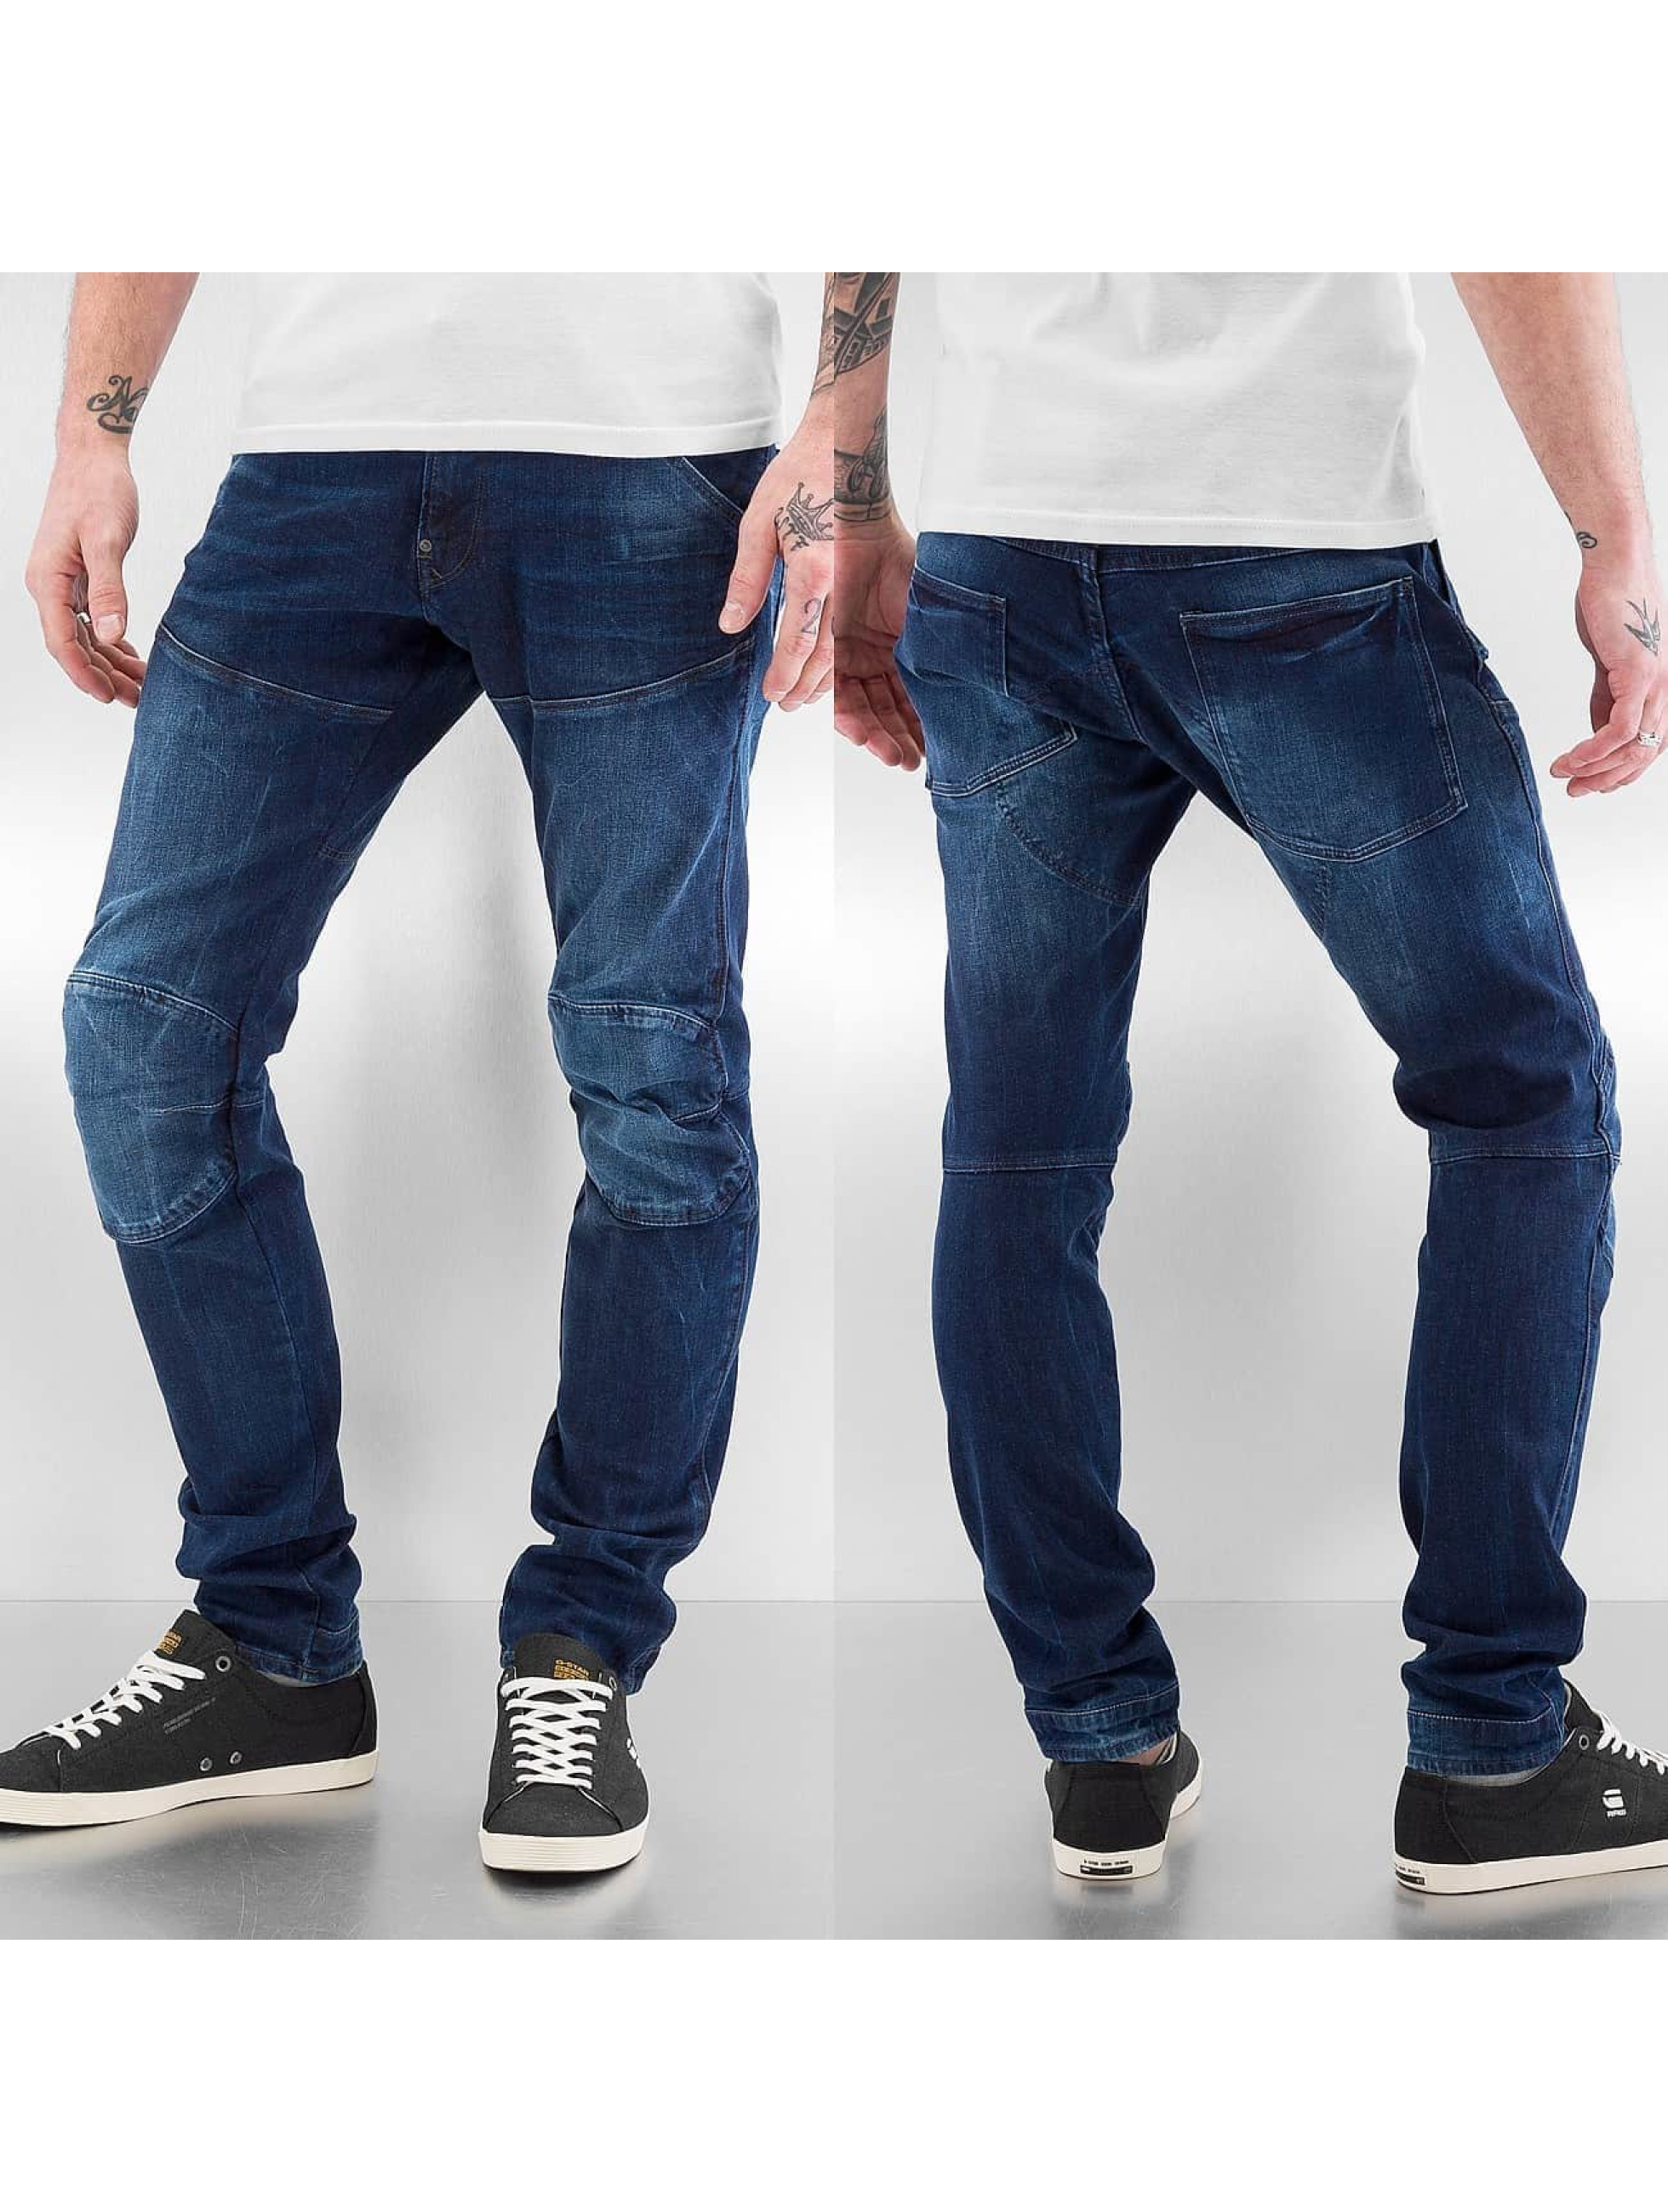 G-Star Облегающие джинсы 5620 синий